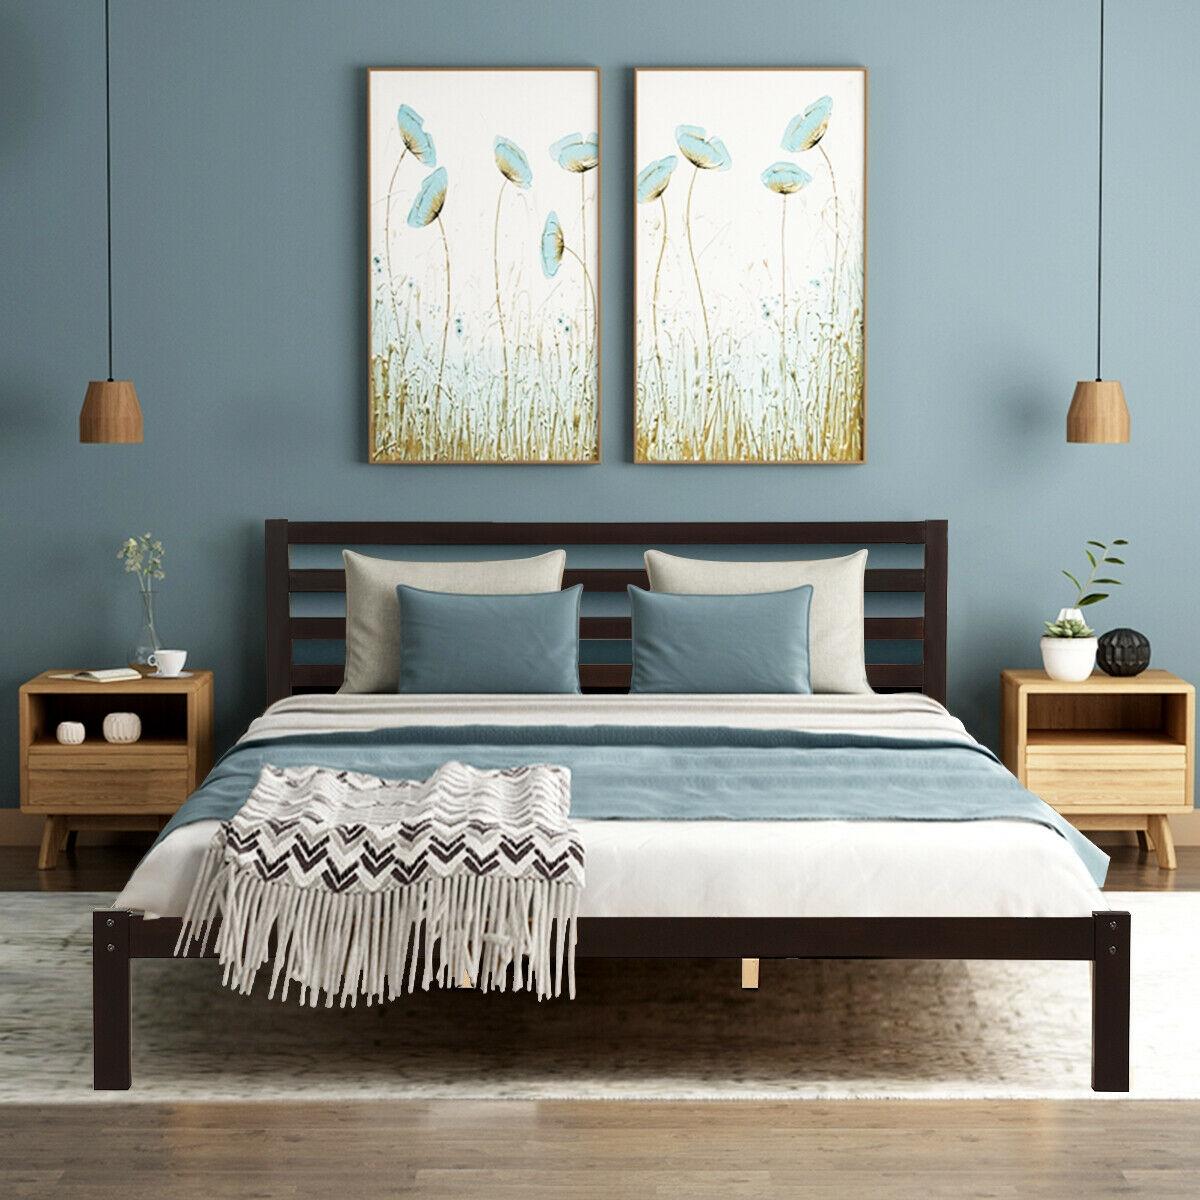 Platform Bed King Size Bed Frame Wood Slat Support